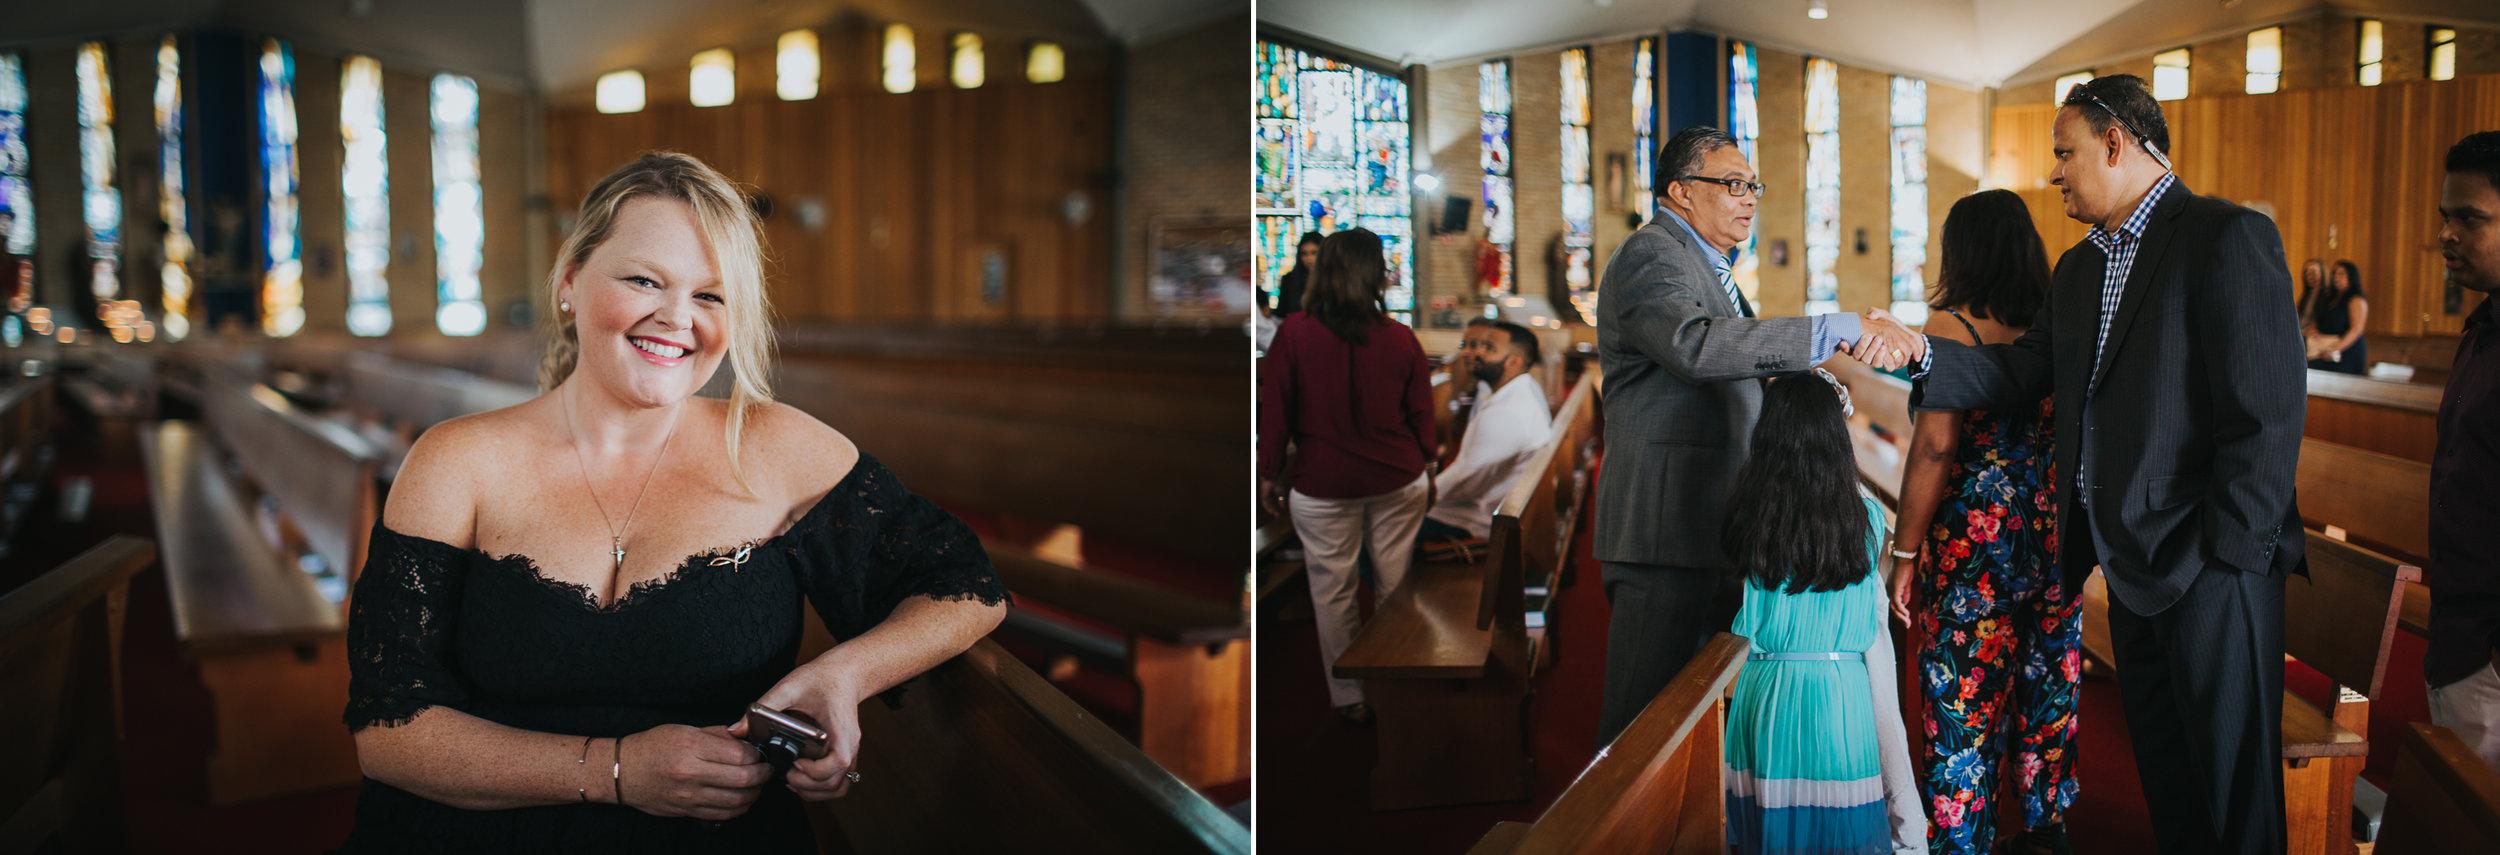 sydney_christening_photography.118.jpg